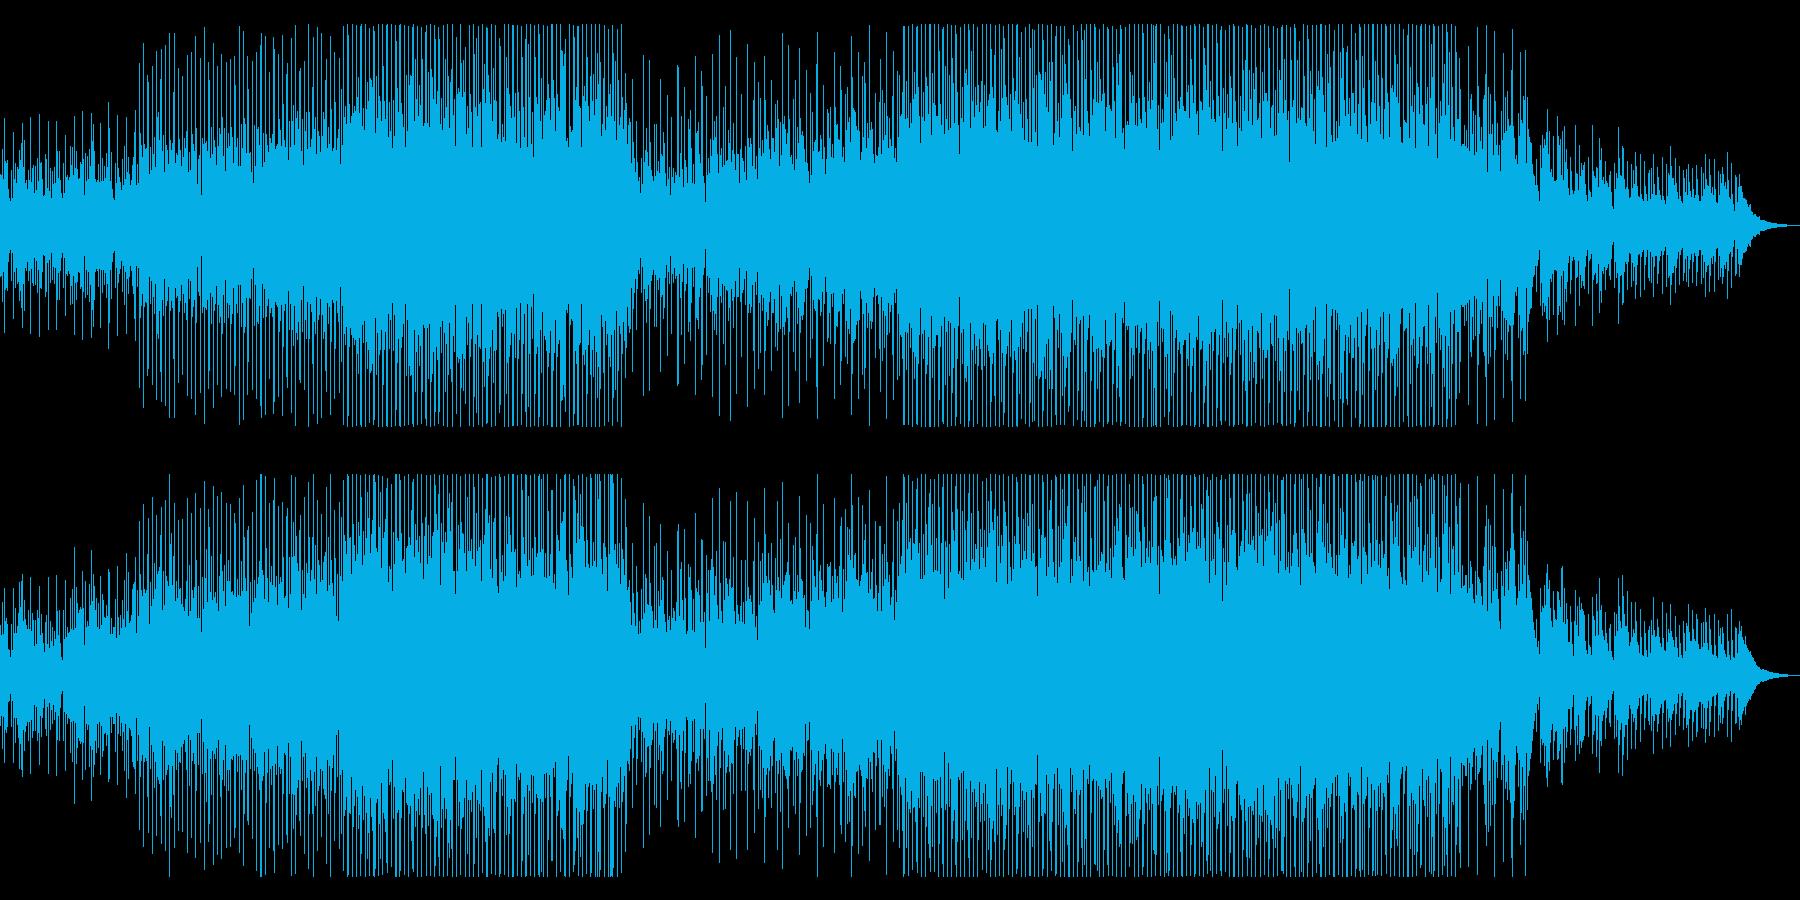 おしゃれで綺麗なコーポレート向けの再生済みの波形